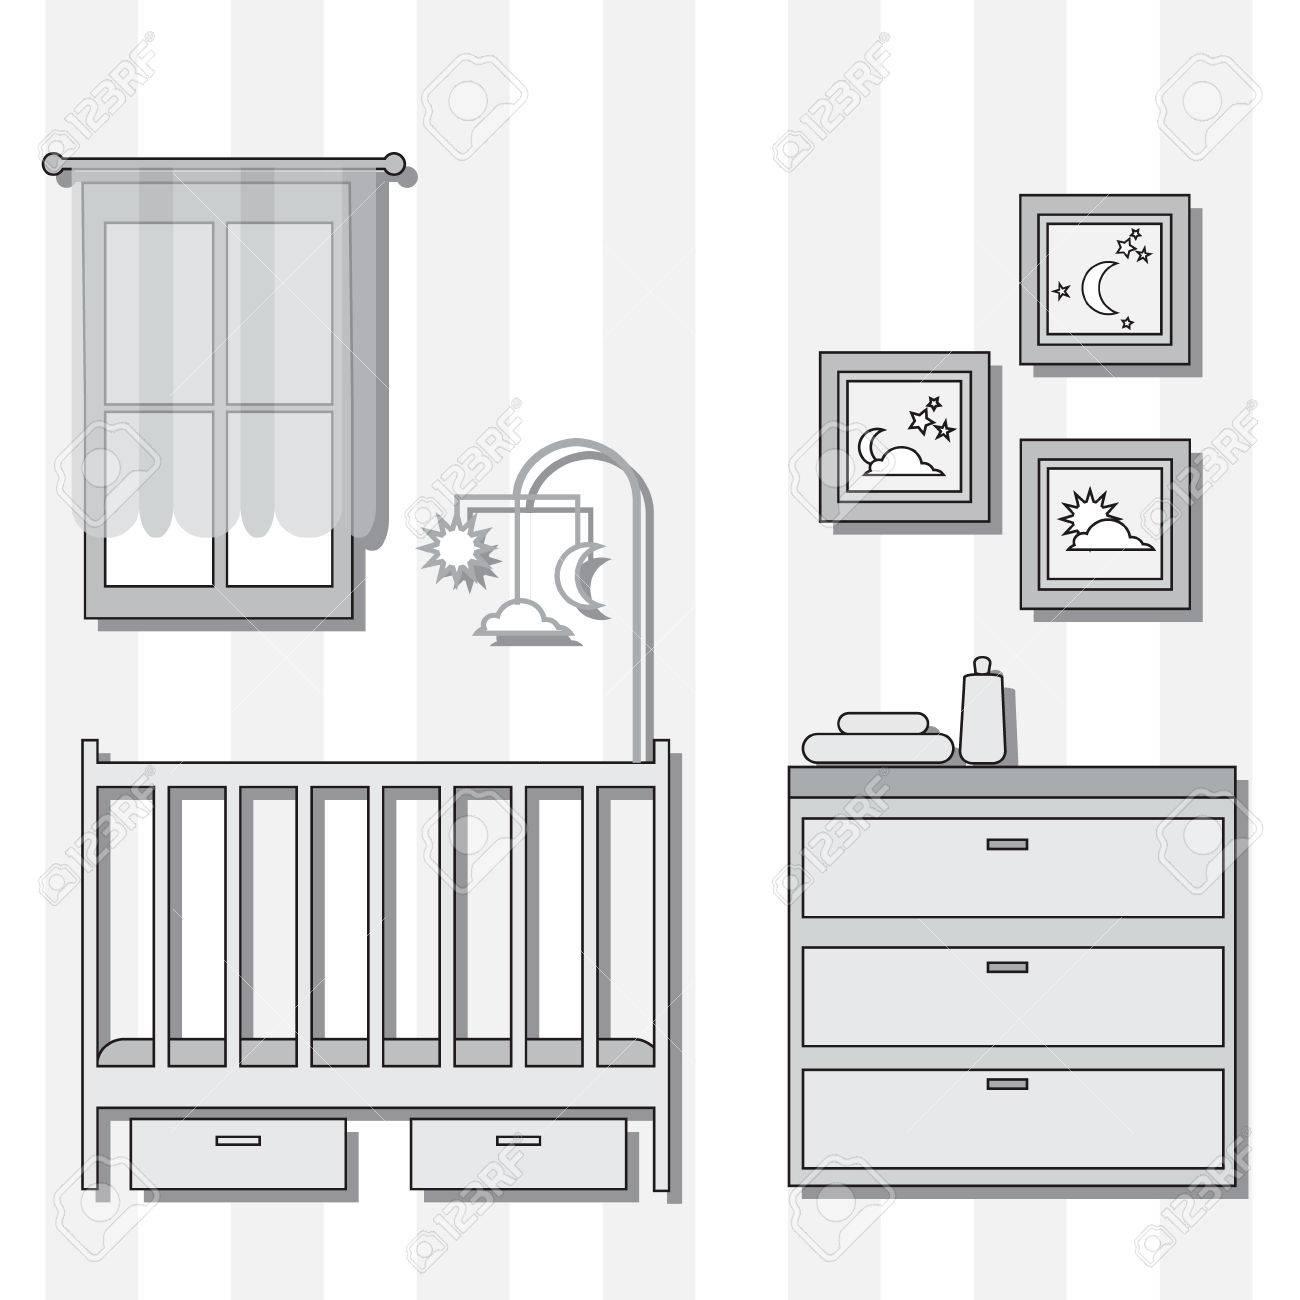 Dorable Vivero Ofrece Muebles Motivo - Muebles Para Ideas de Diseño ...